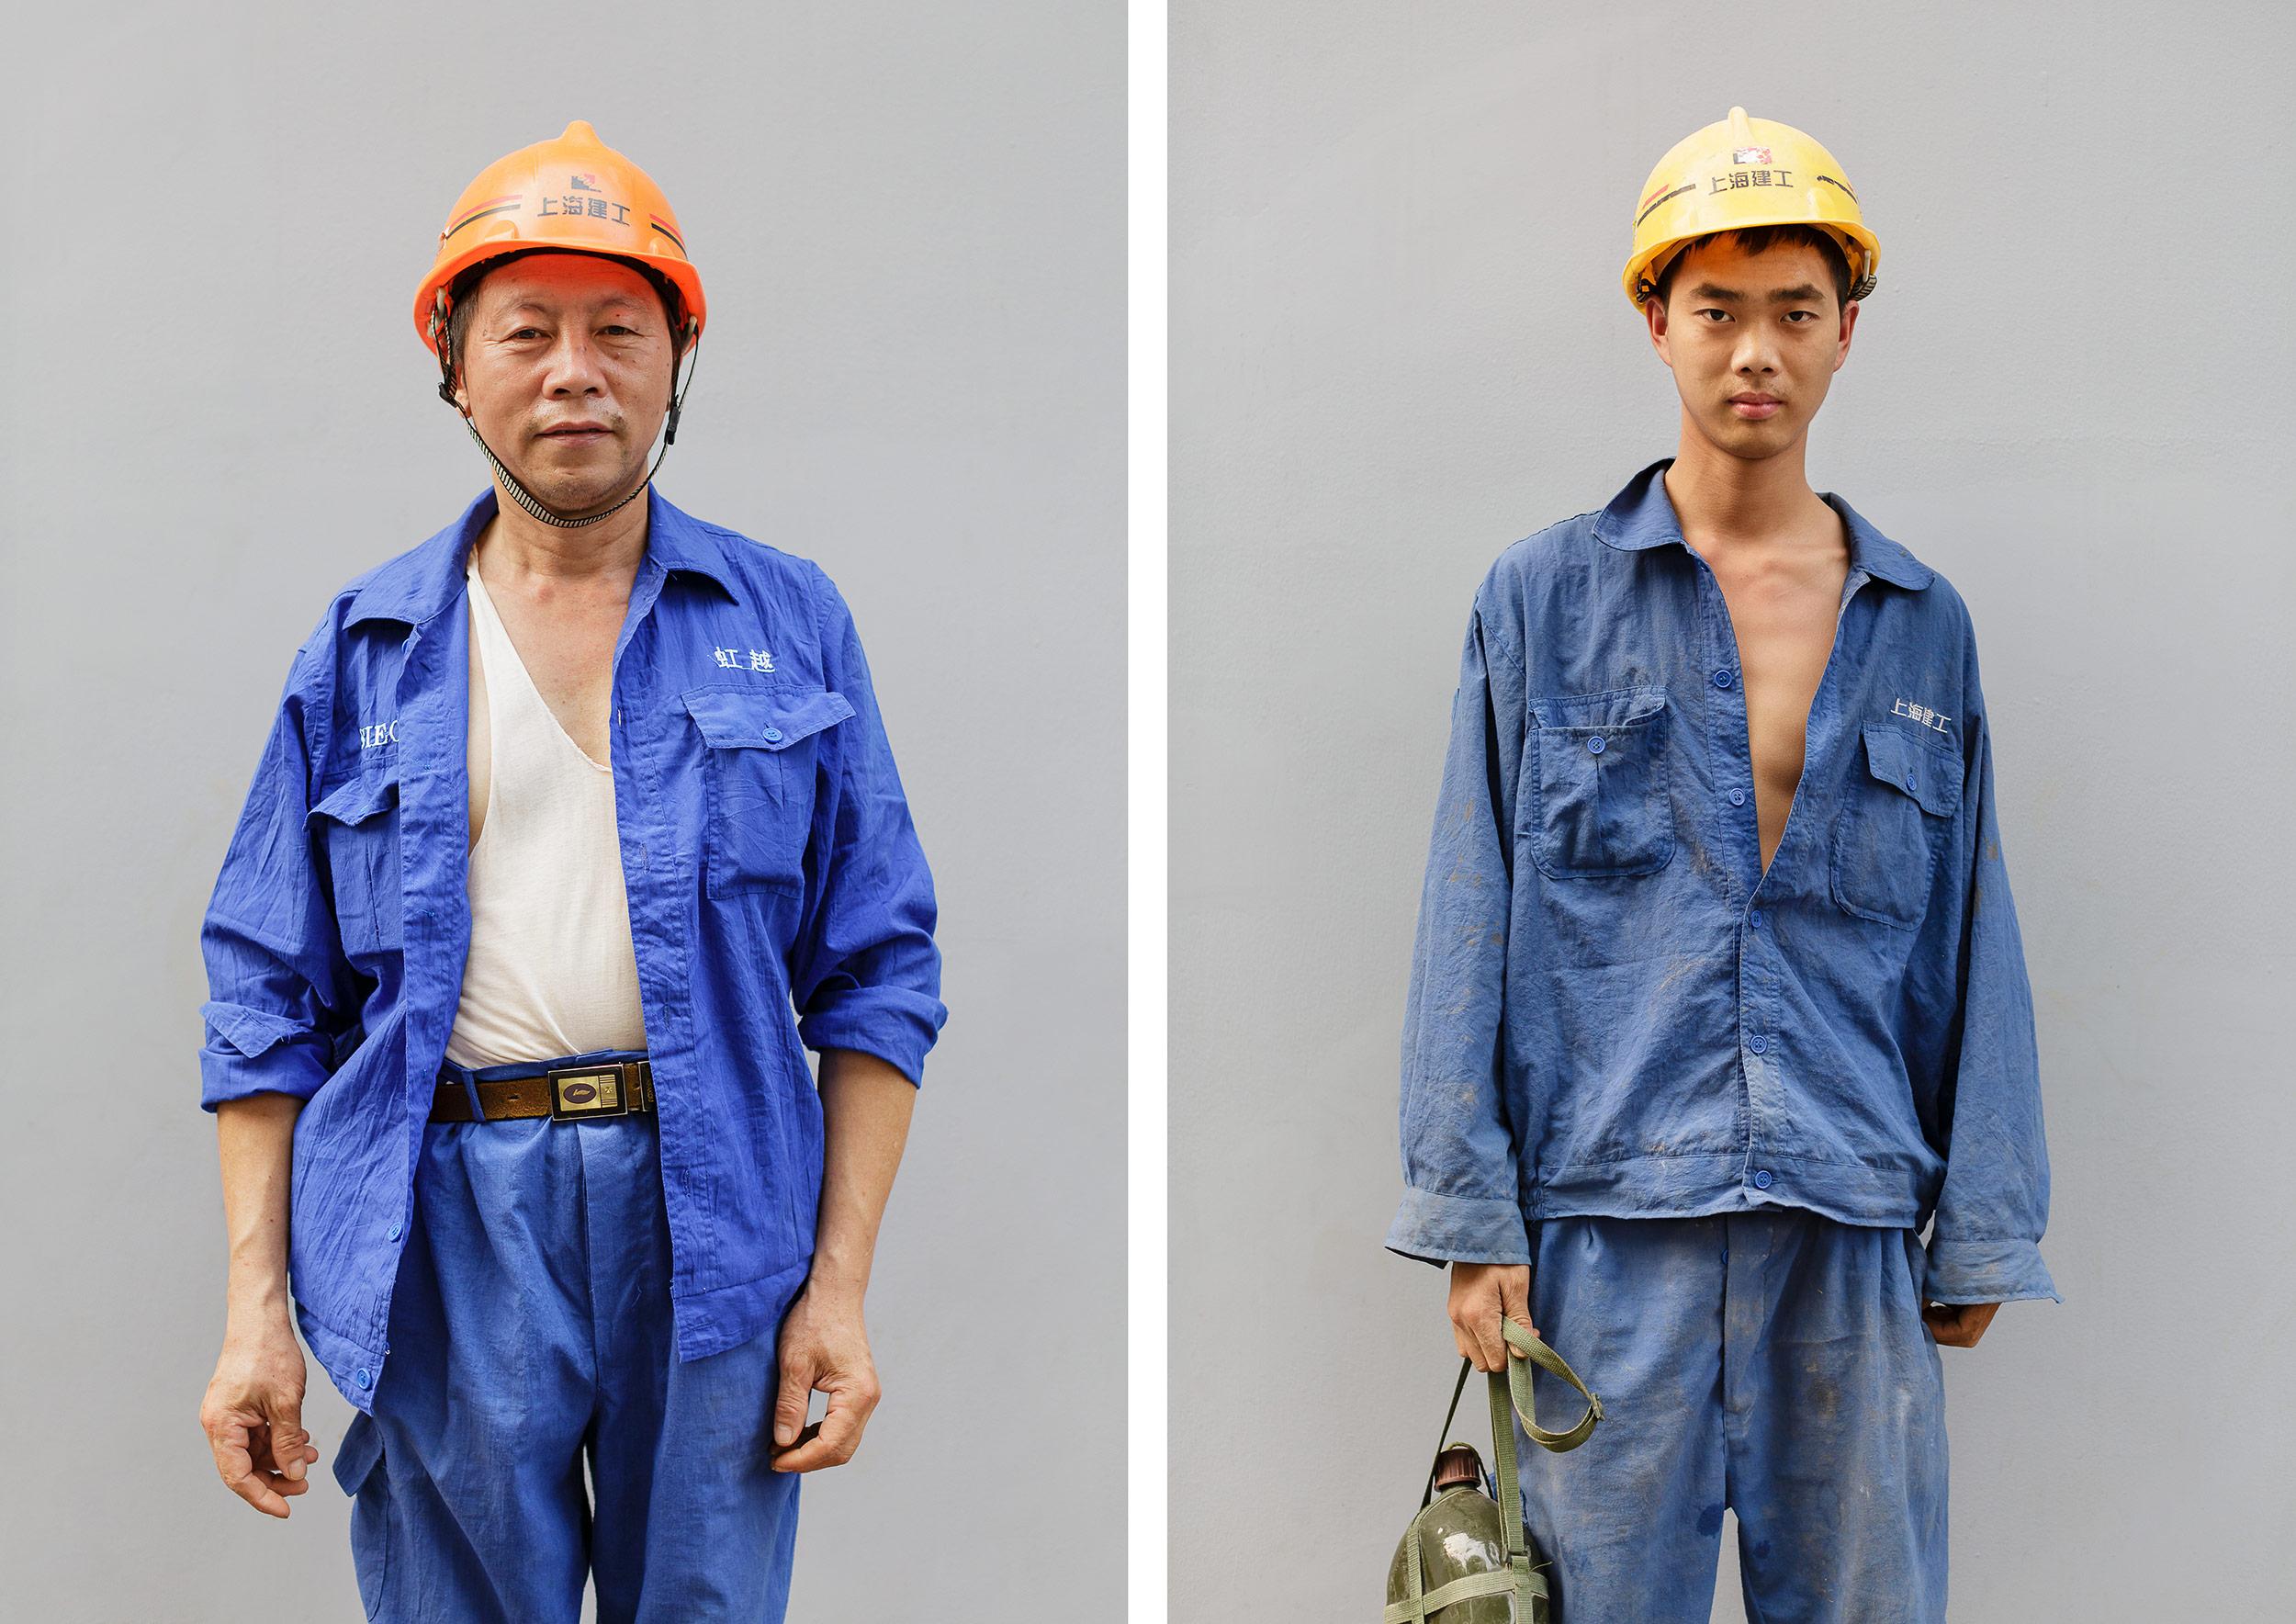 Workers16.jpg